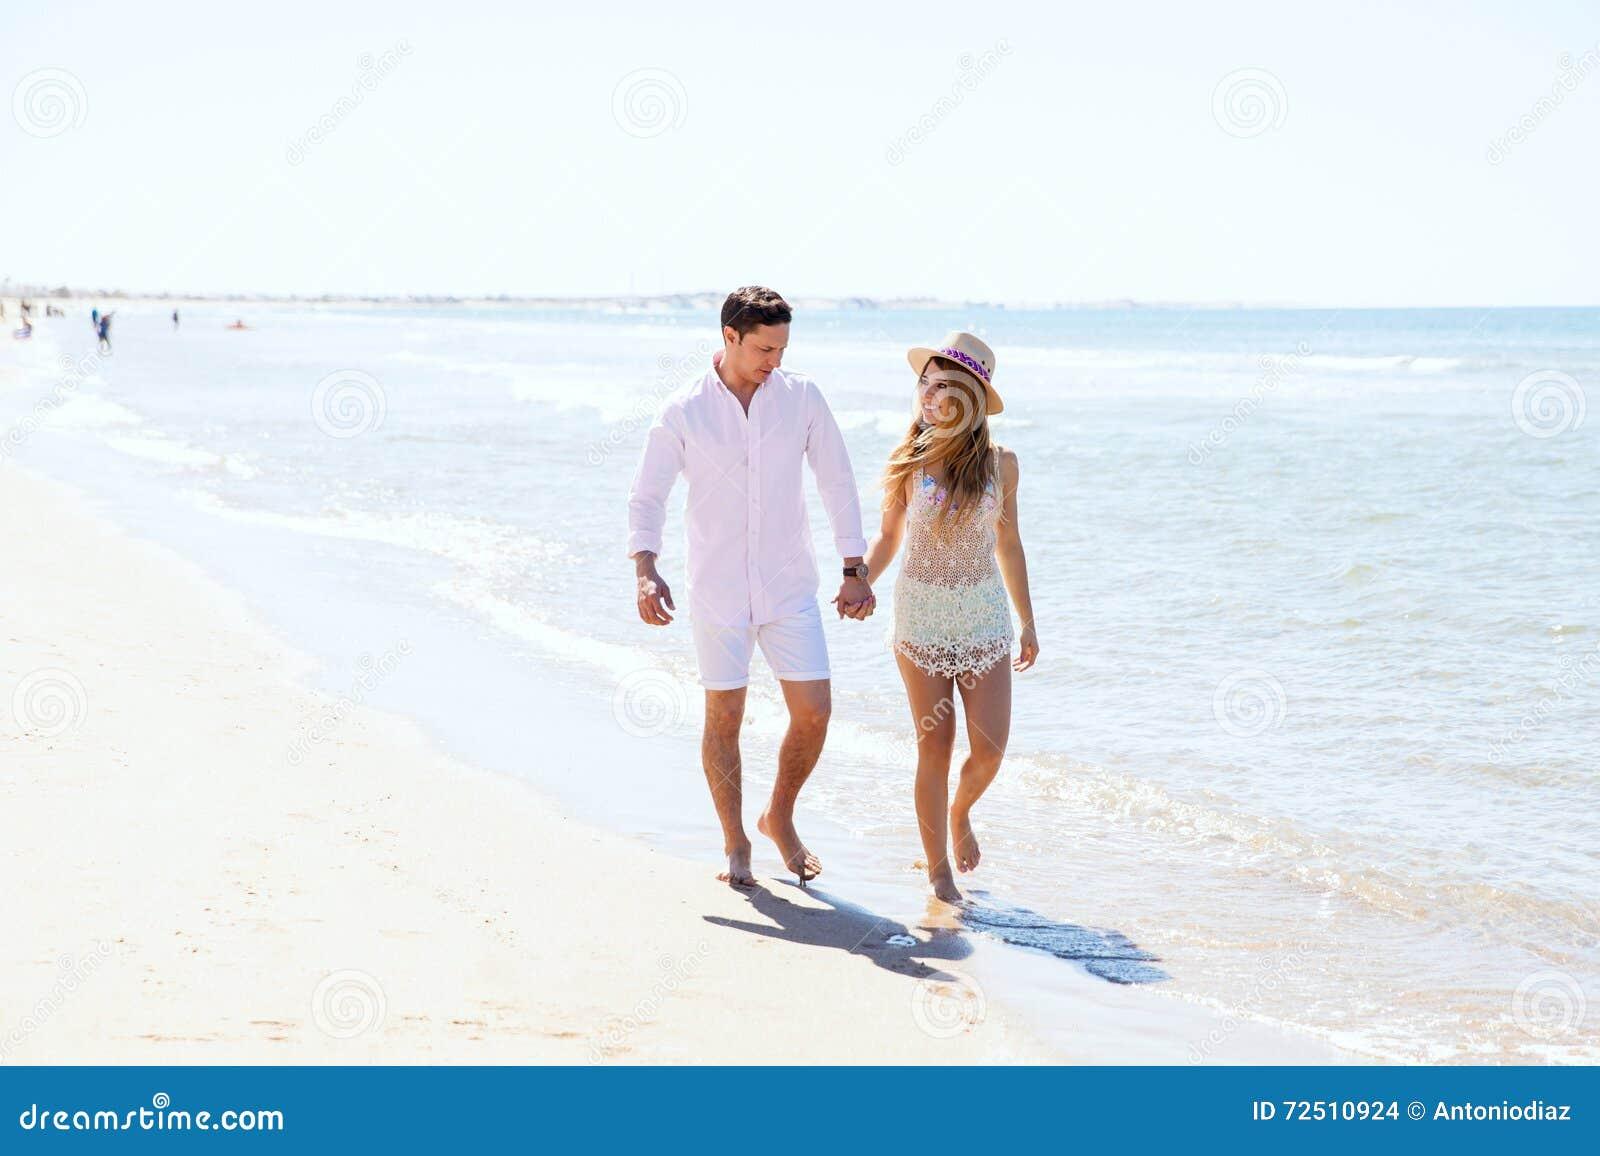 Jolie fille marchant avec son ami à la plage